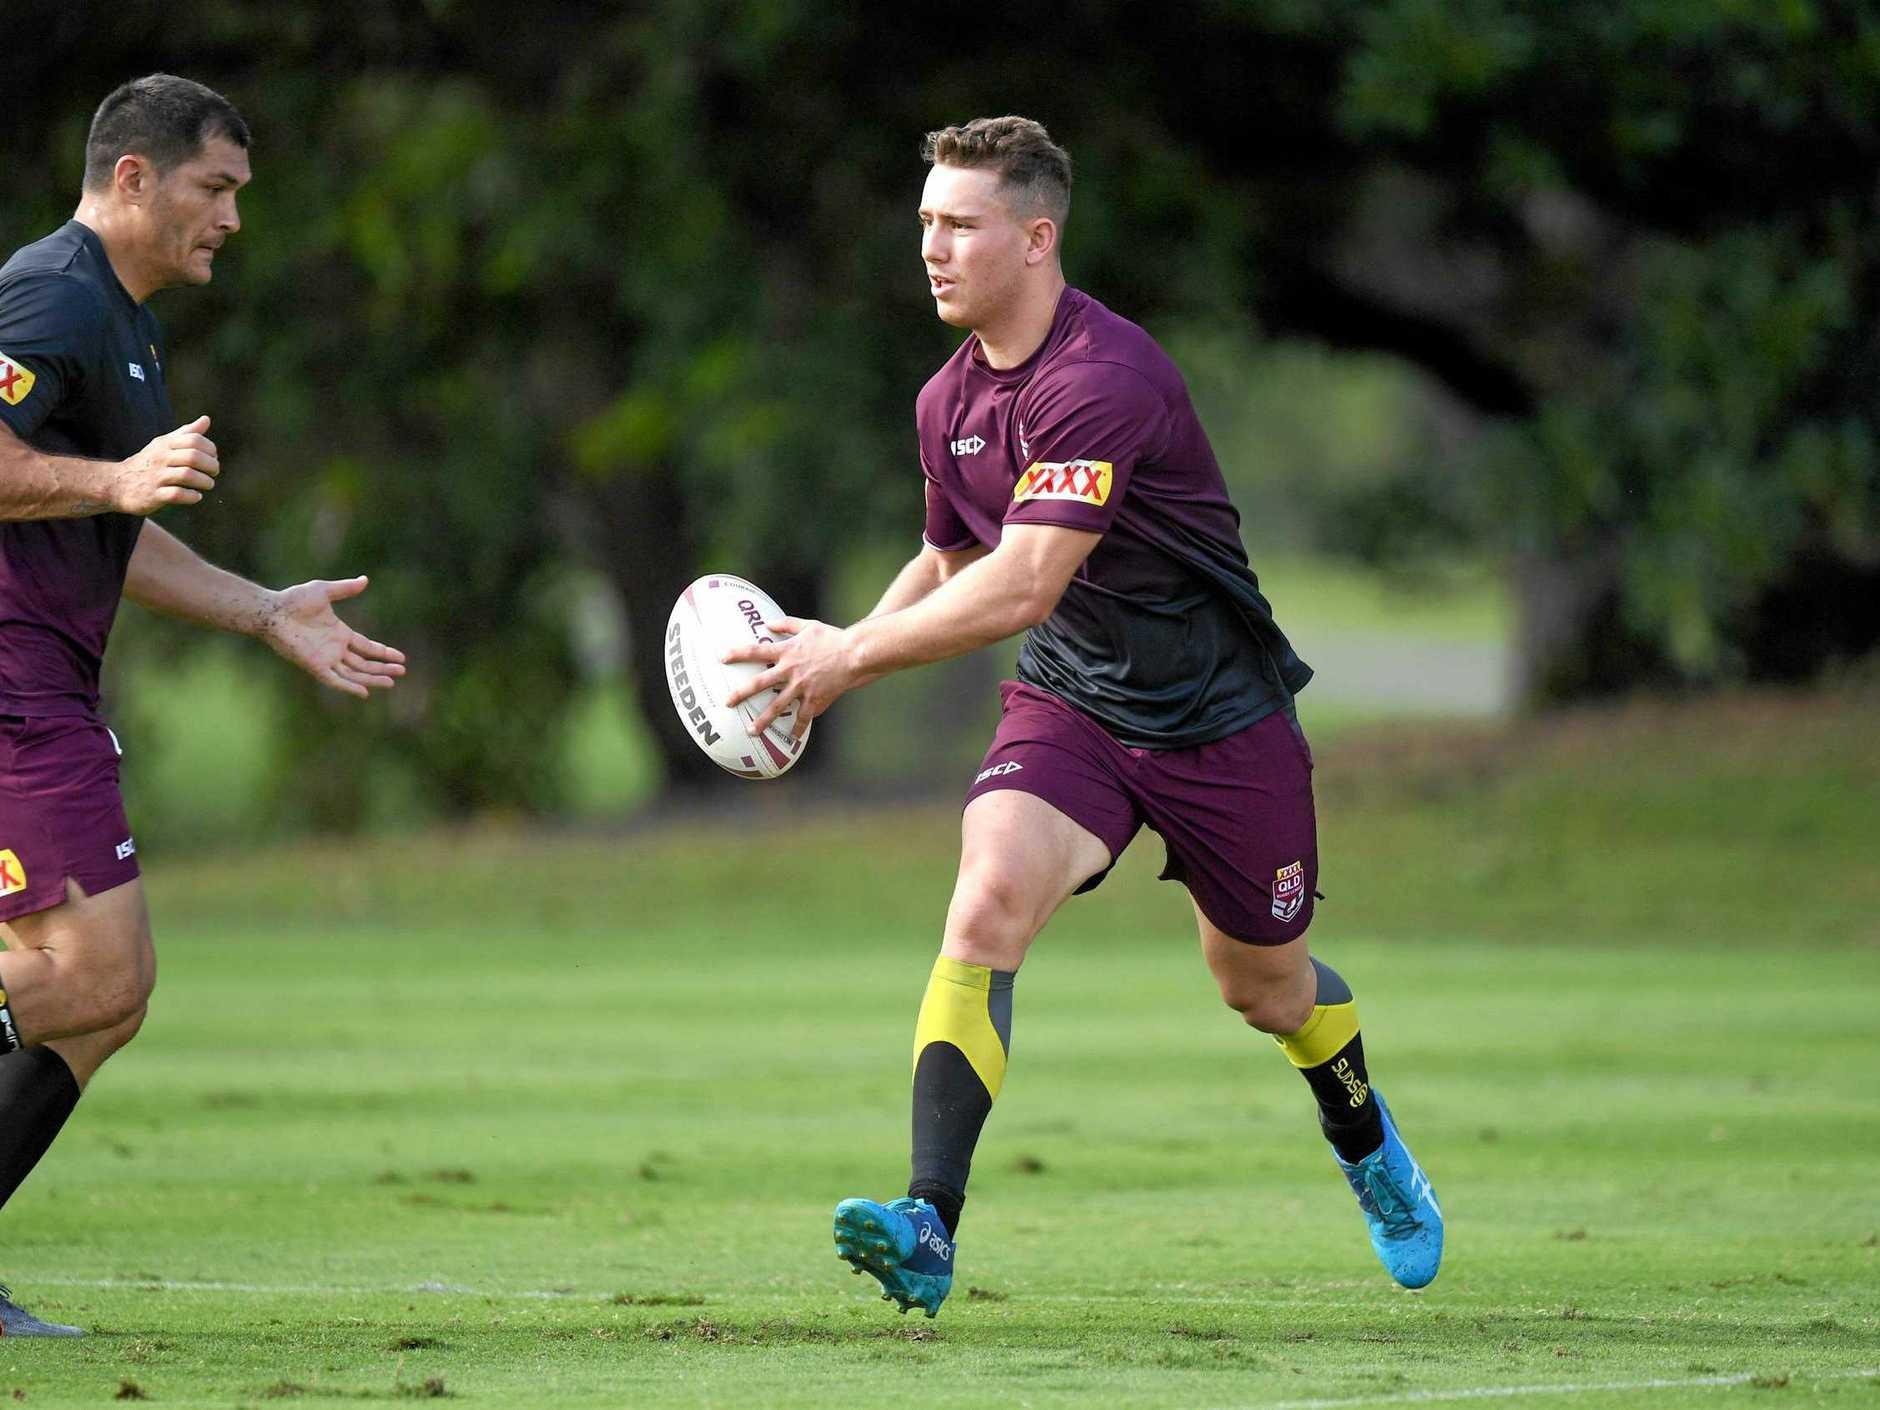 2019 RAN - 2019 XXXX QLD Rangers Captains Run - Caleb Daunt, 2019-06-29. Digital image by Scott Davis  NRL Photos